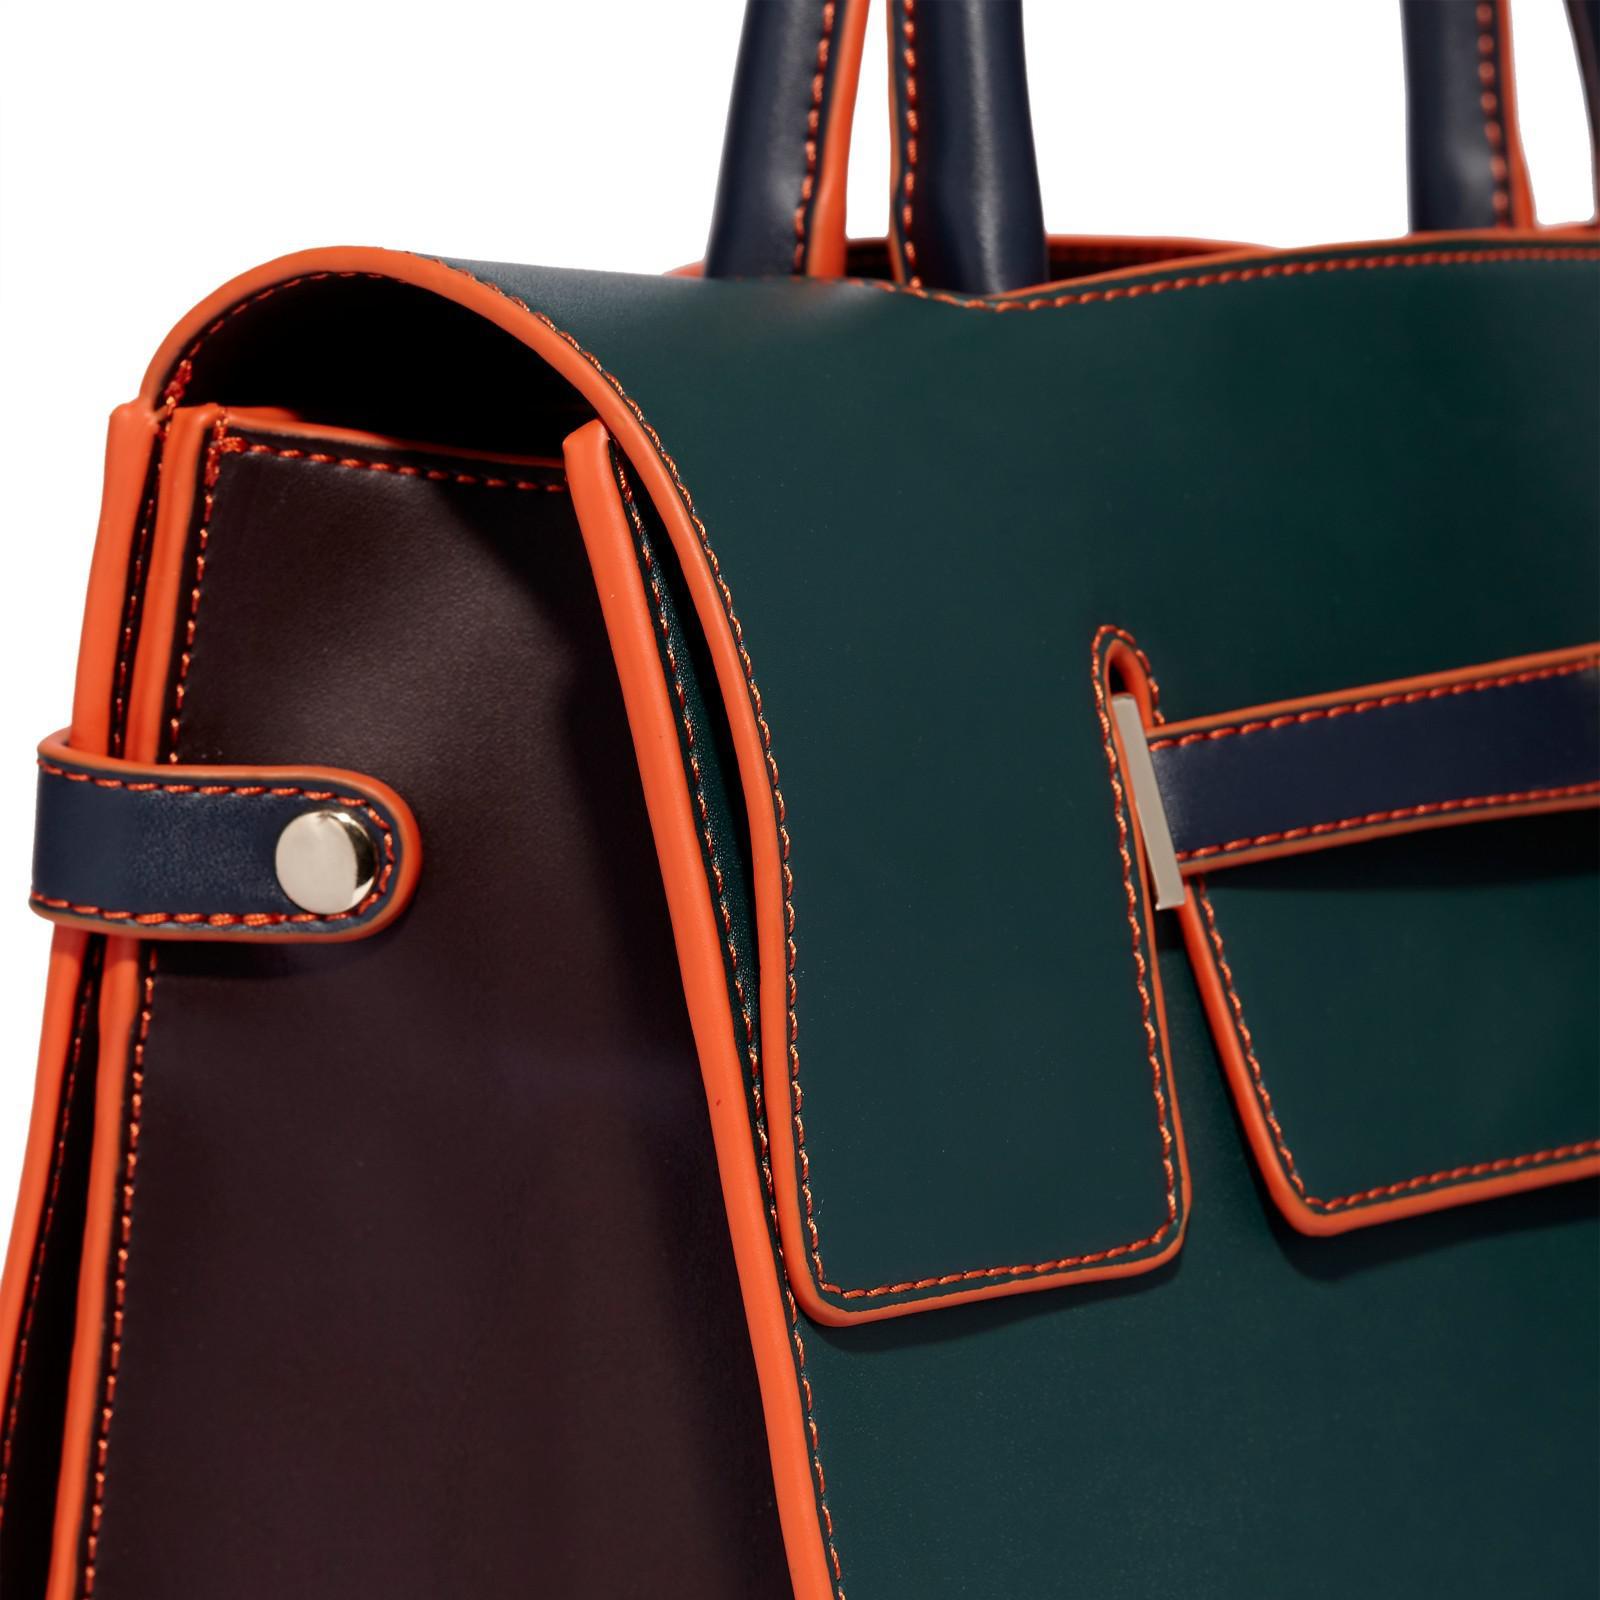 a390dd5fb9 Fiorelli Harlow Tote Bag in Green - Lyst